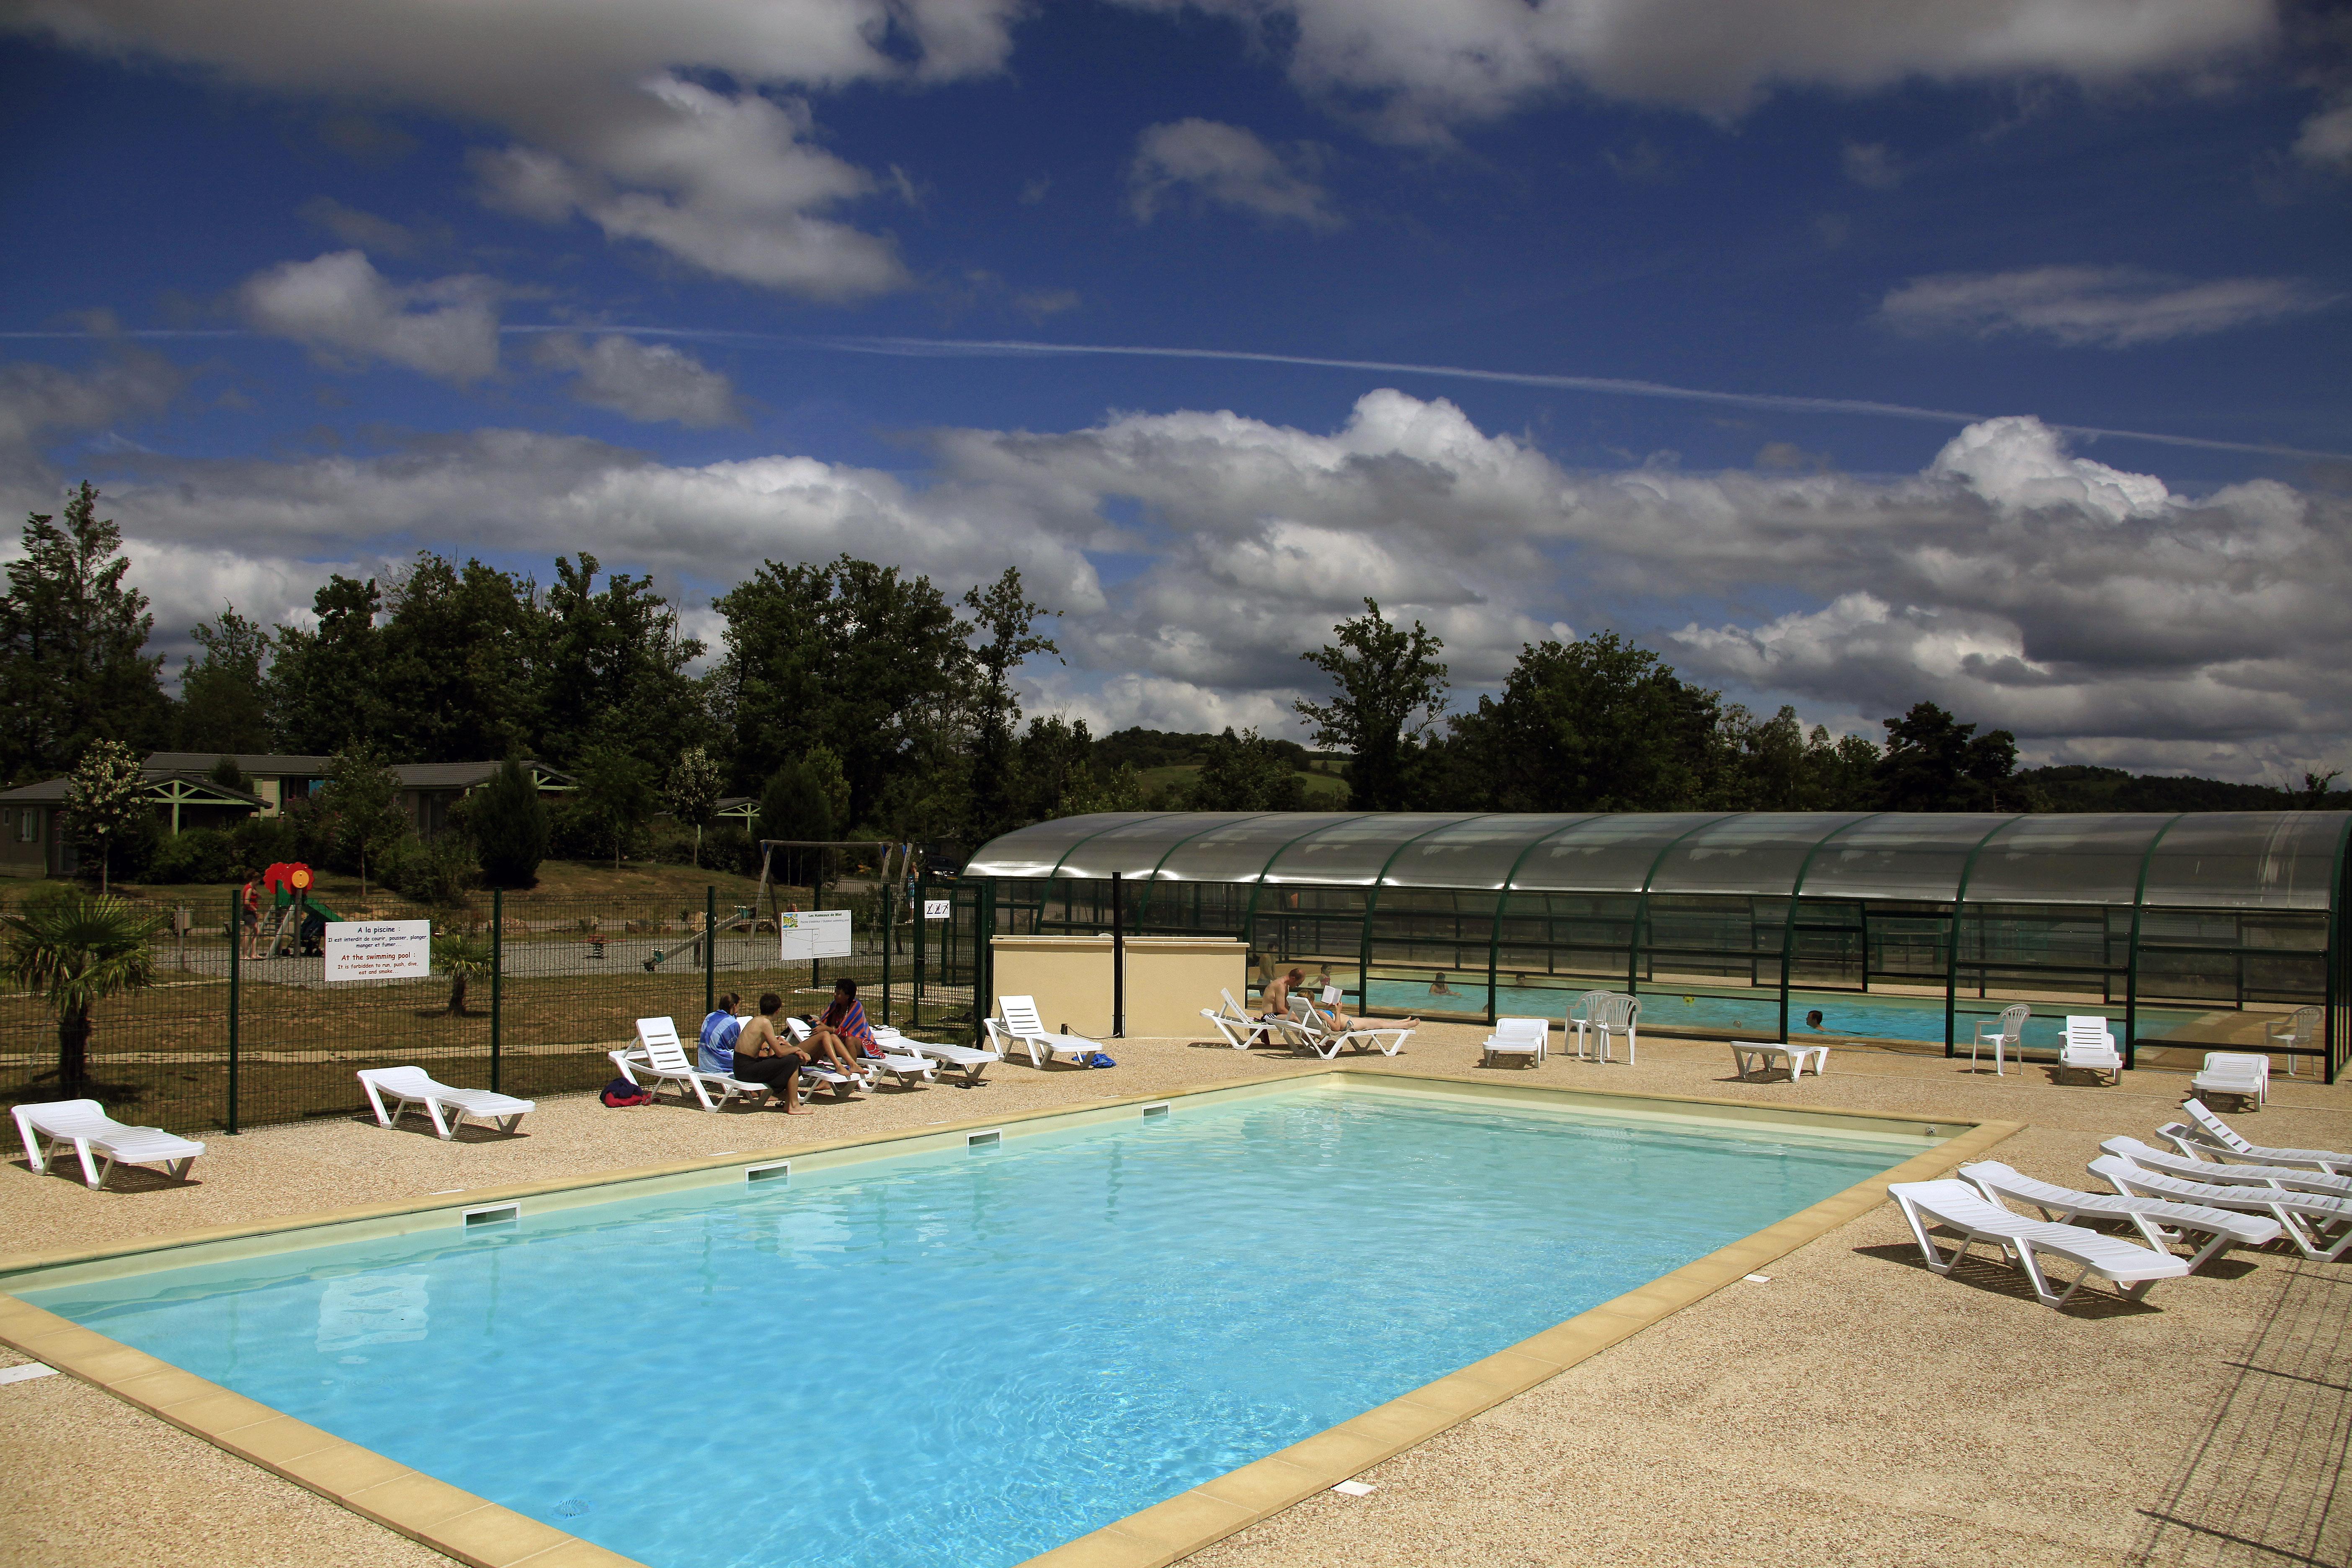 Out vakantiehuis f dor 0070 beynat 6 personen - Zwembad terras outs ...